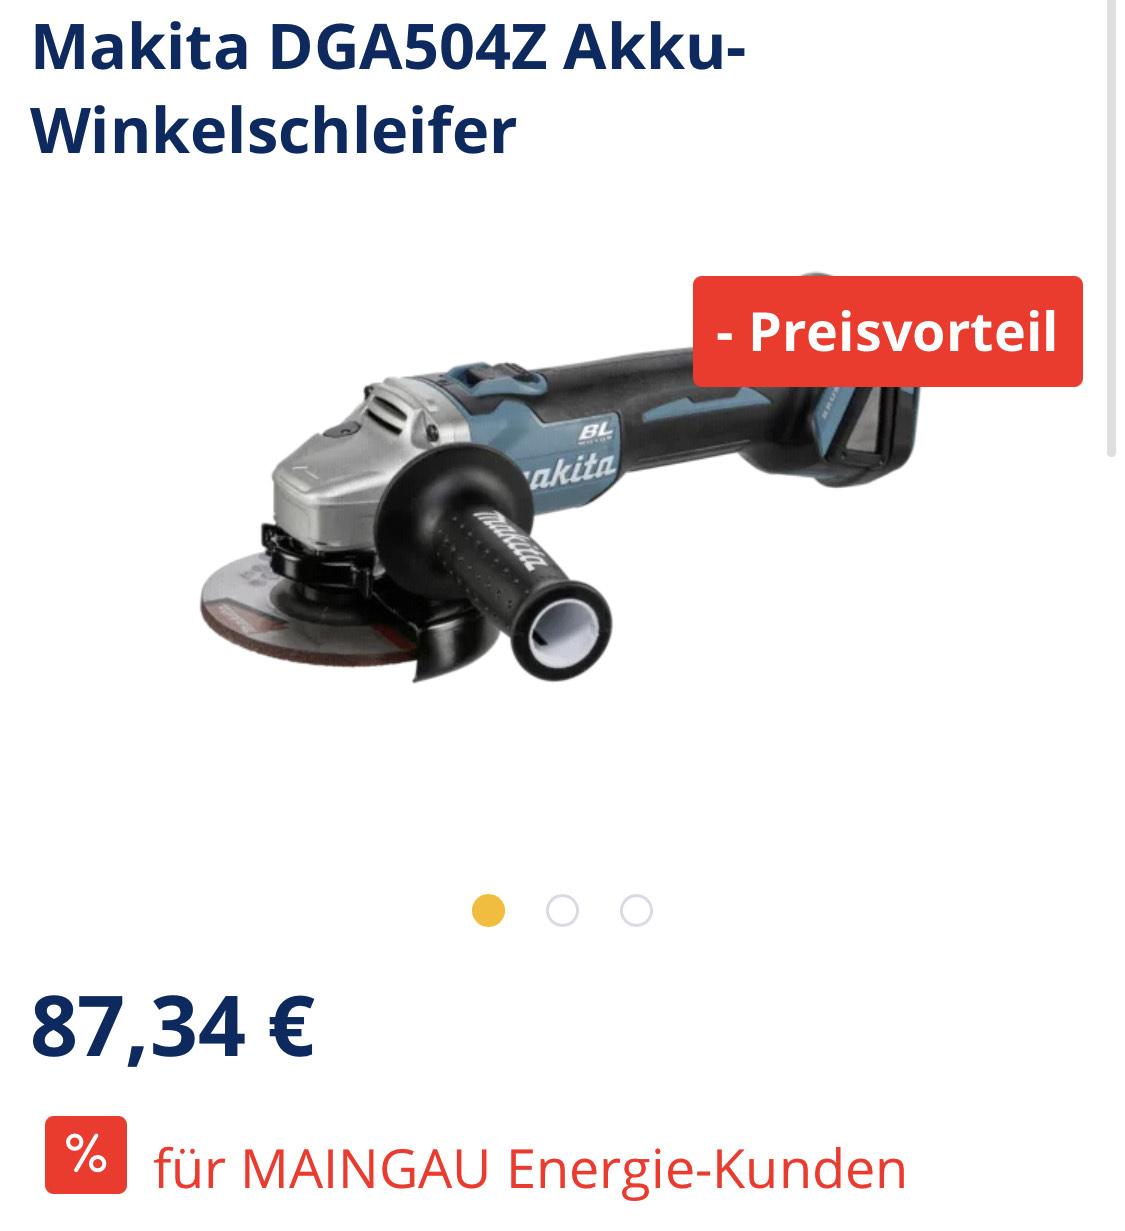 [Nur für Maingau-Energie Kunden] Makita DGA504Z Akku-Winkelschleifer 18V Solo brushless 125mm Scheiben für 87,34€